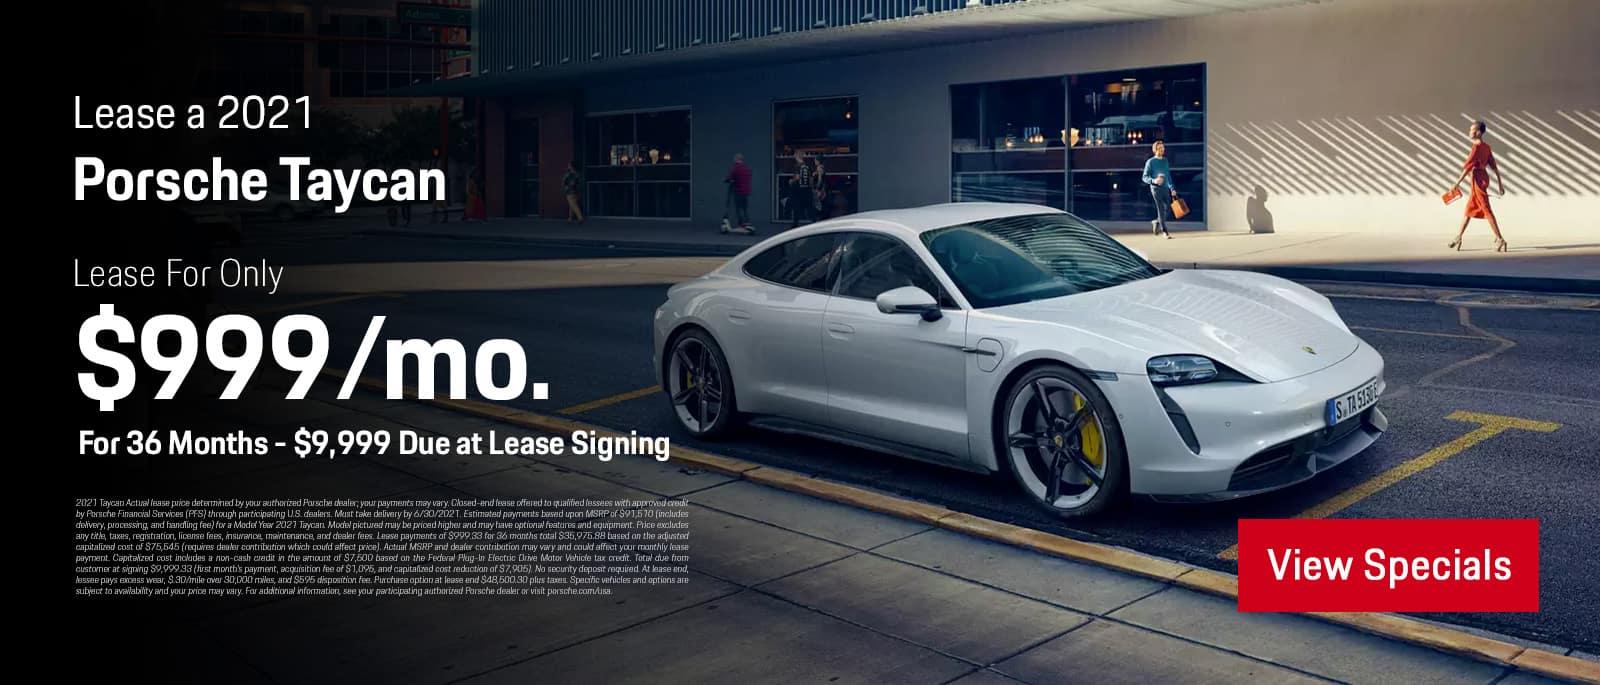 Porsche Taycan 2021 Specials